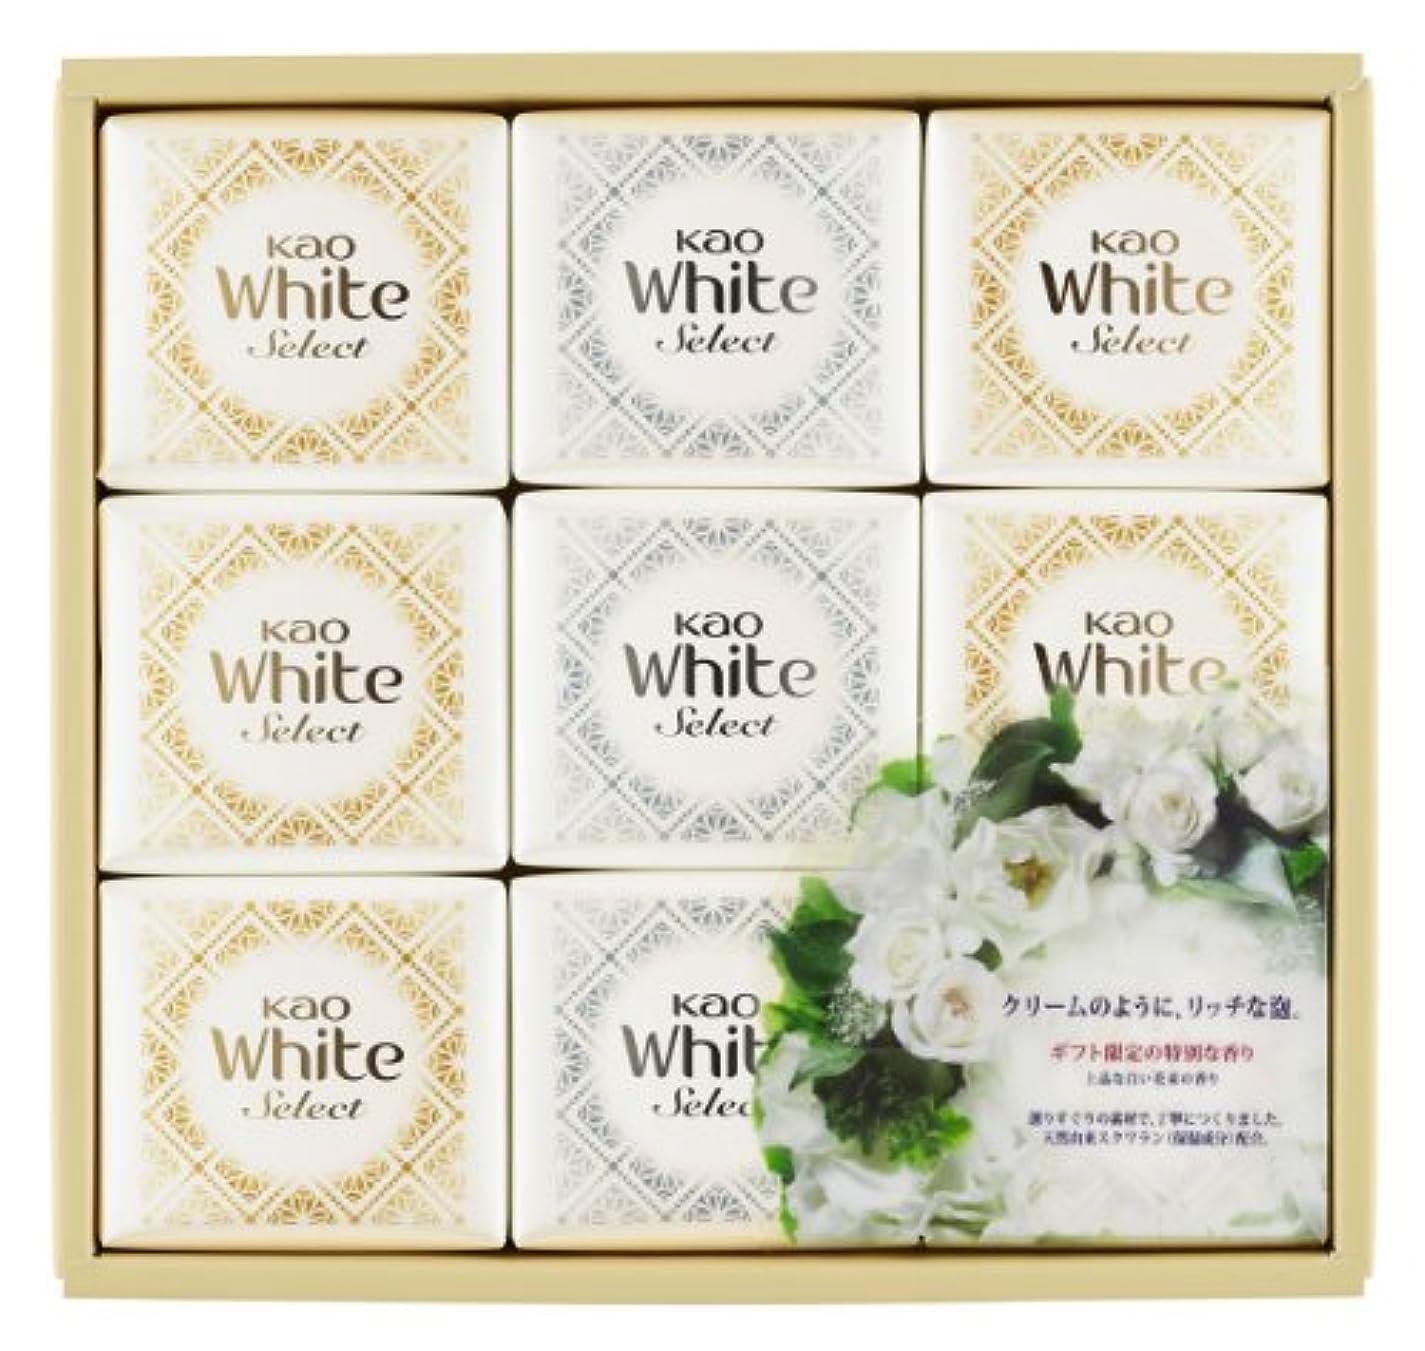 ボルトスポーツ母音花王ホワイト セレクト 上品な白い花束の香り 85g 9コ K?WS-15